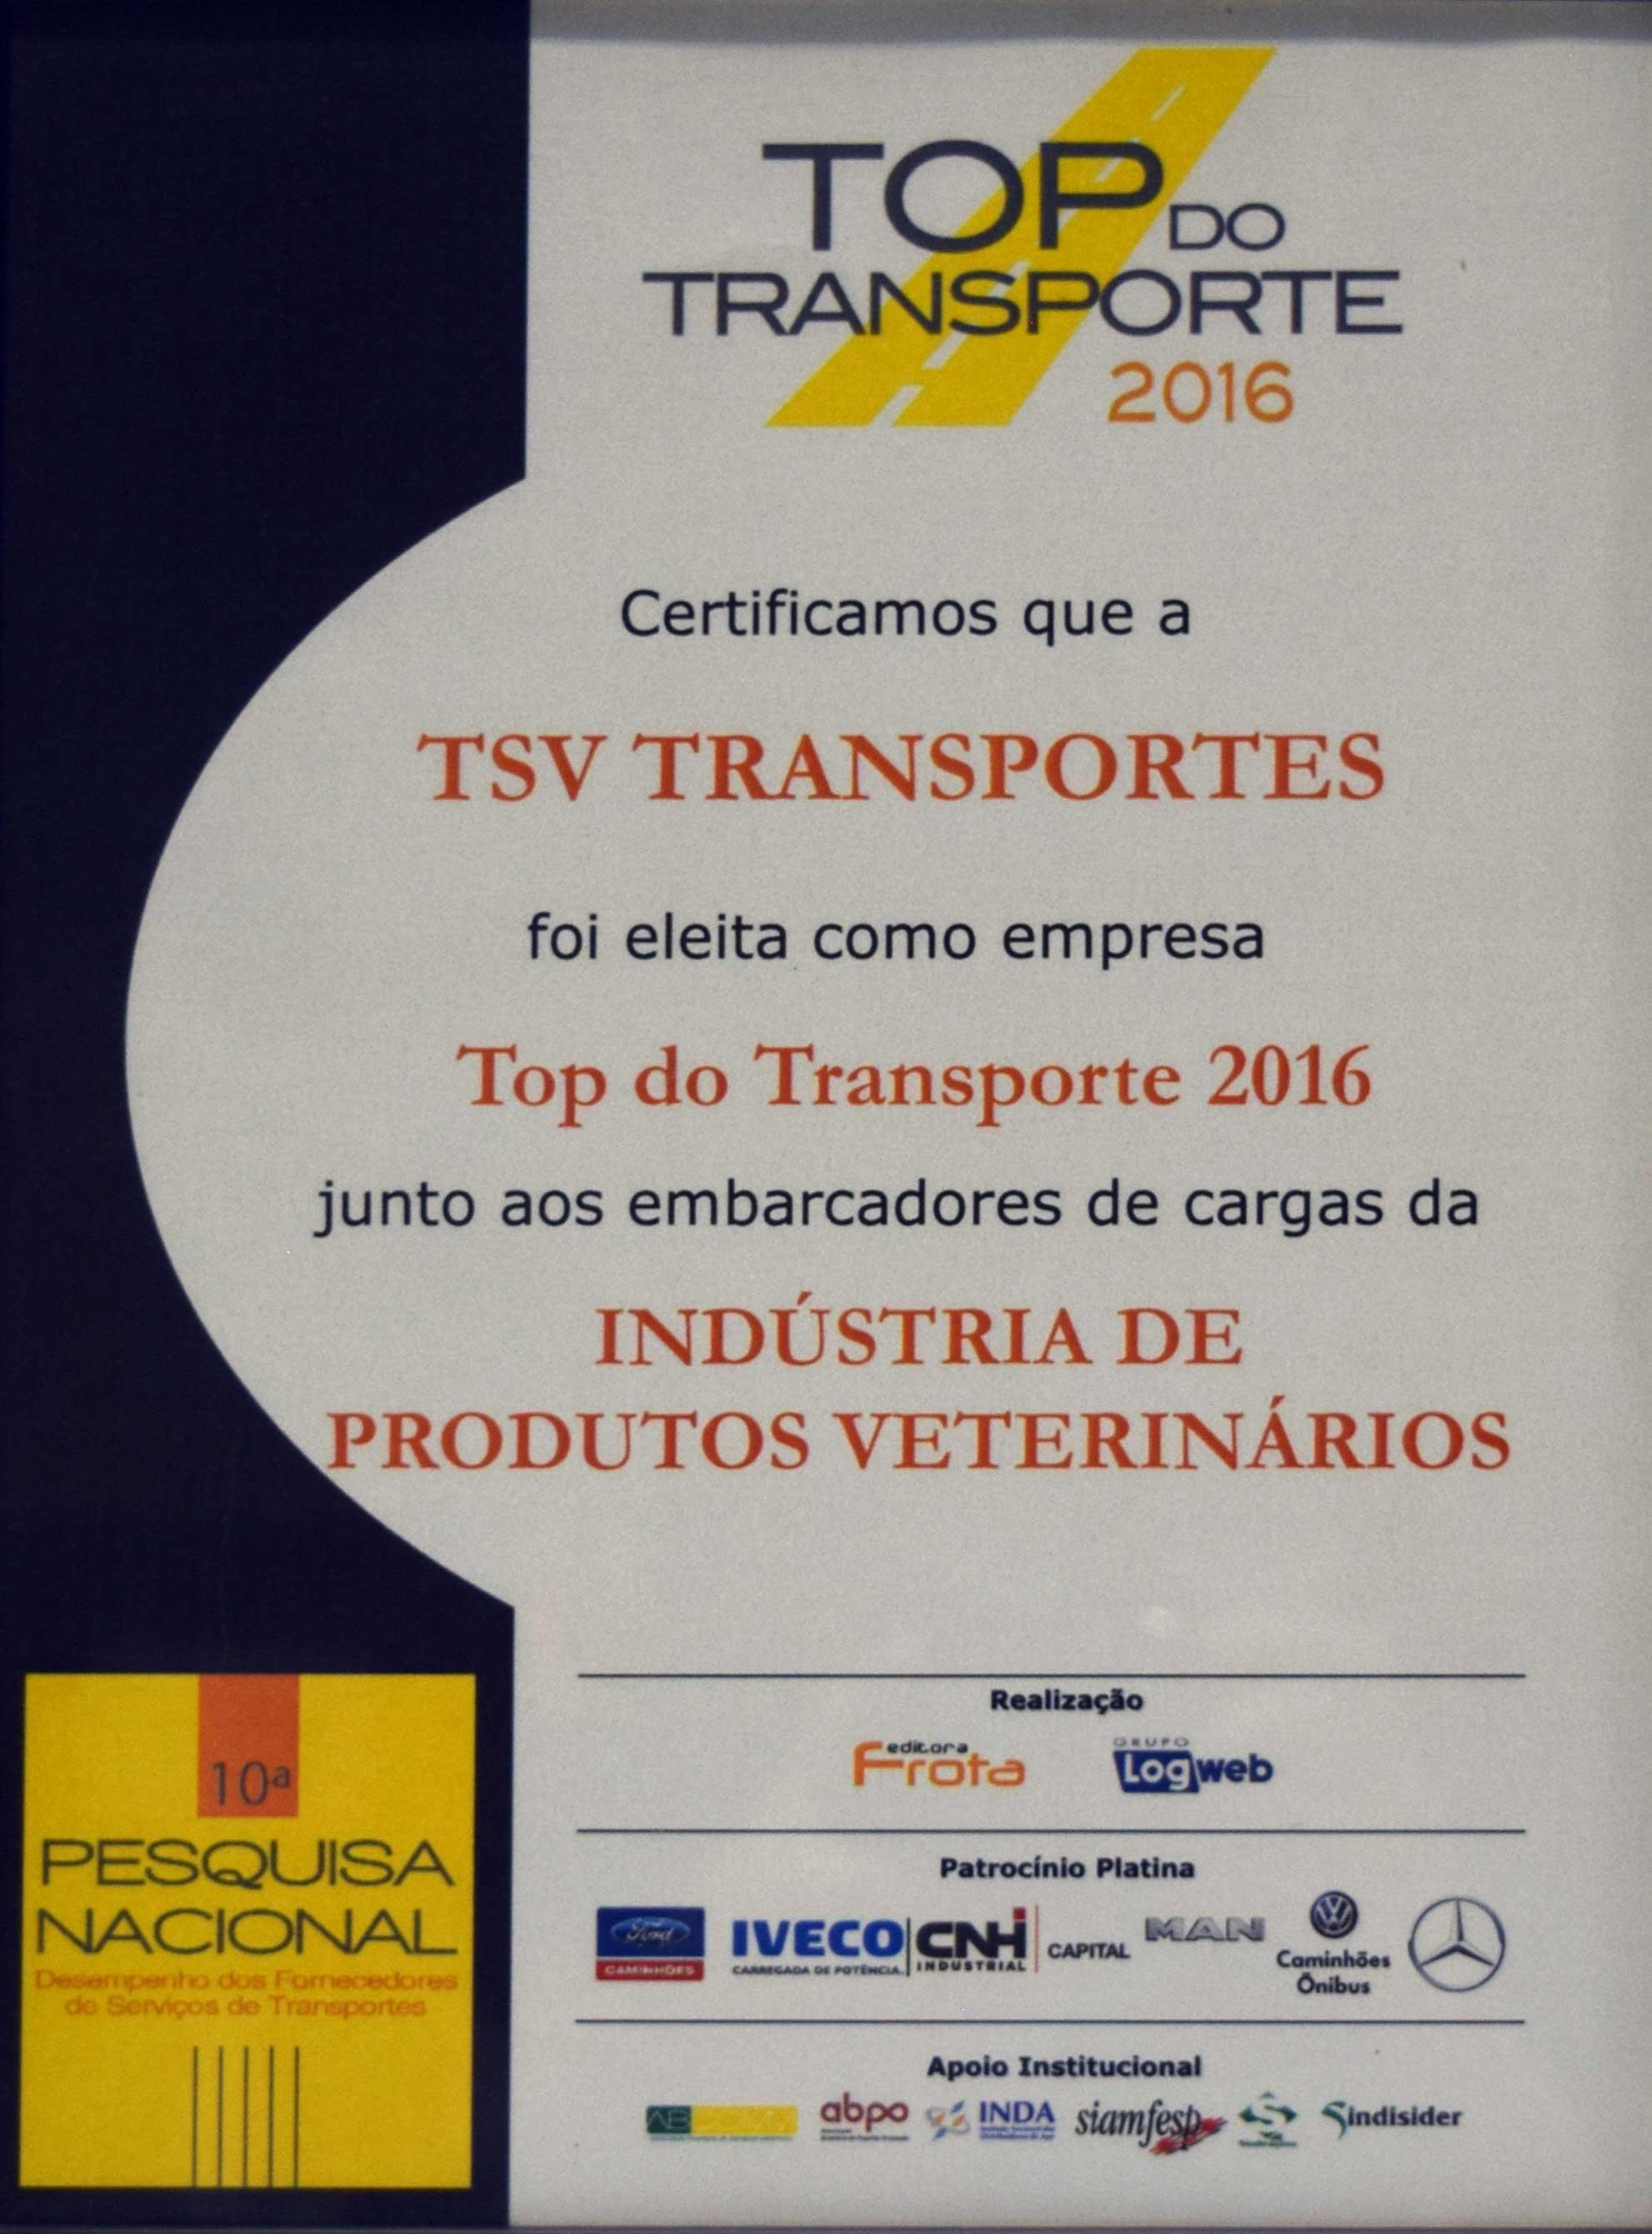 https://www.tsvtransportes.com.br/wp-content/uploads/2018/09/DSC_0194.jpg